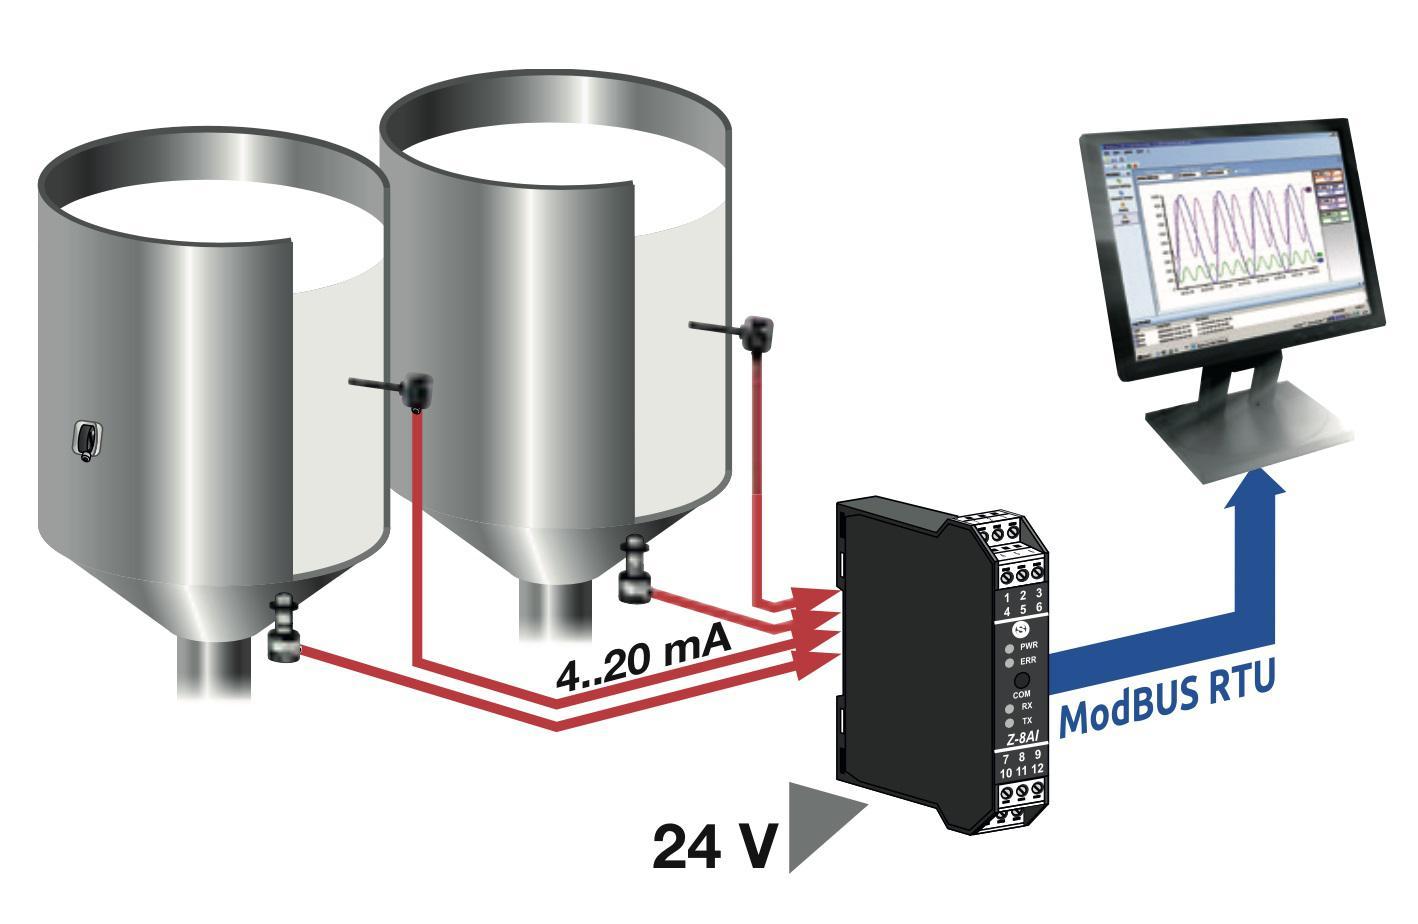 Bộ chuyển đổi tín hiệu áp suất sang Modbus